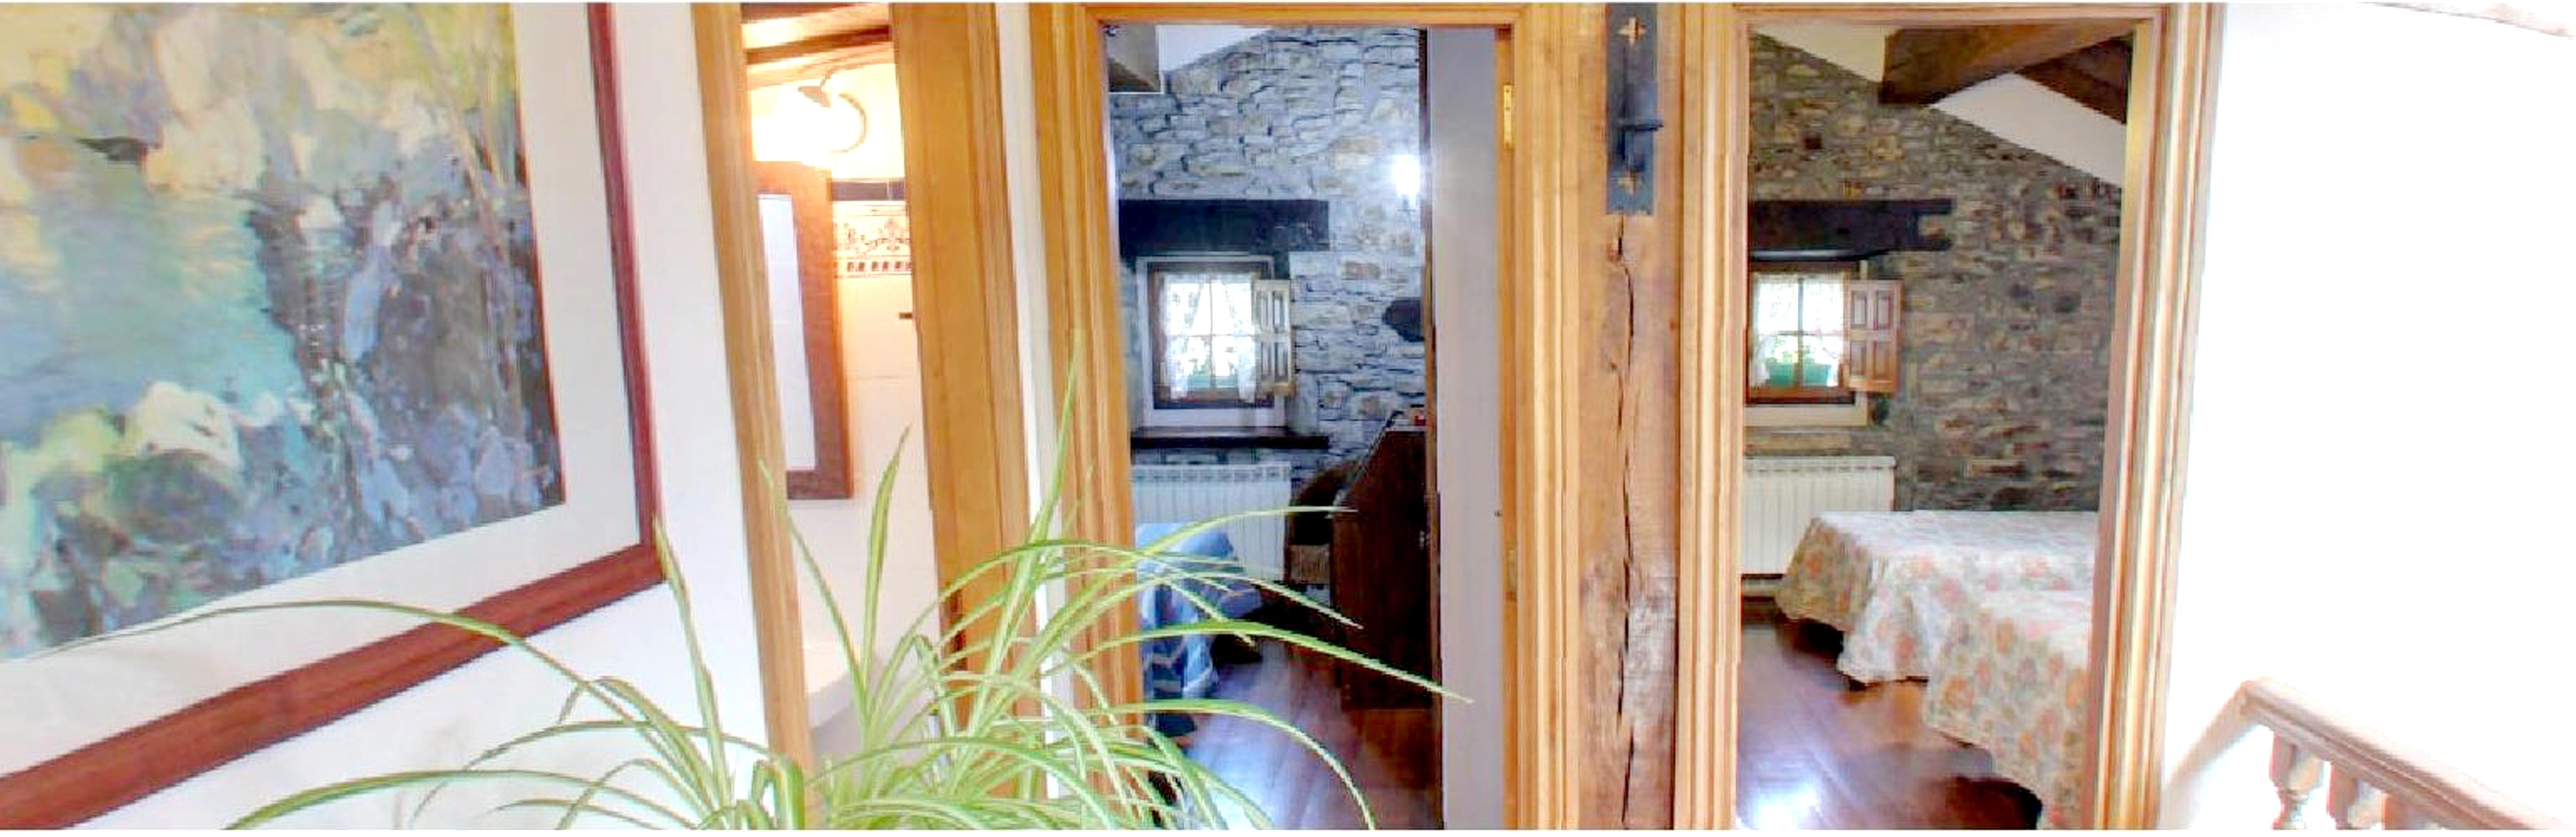 Ferienhaus Haus mit 6 Schlafzimmern in Lizaso mit eingezäuntem Garten und W-LAN - 500 m vom Strand en (2599807), Lizaso, , Navarra, Spanien, Bild 35